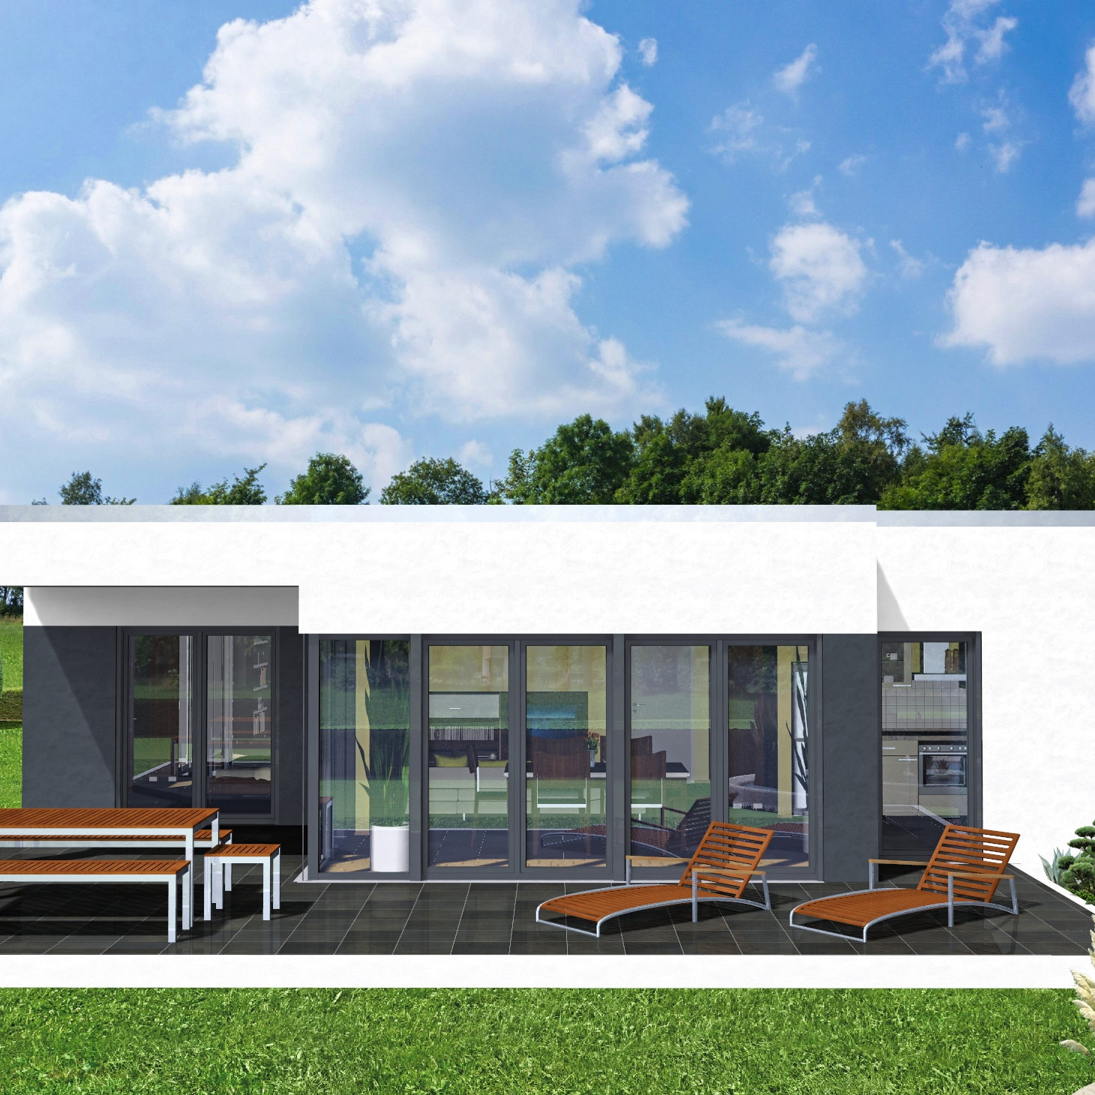 WB_Bauhausstil Idee 120_3D Terrasse